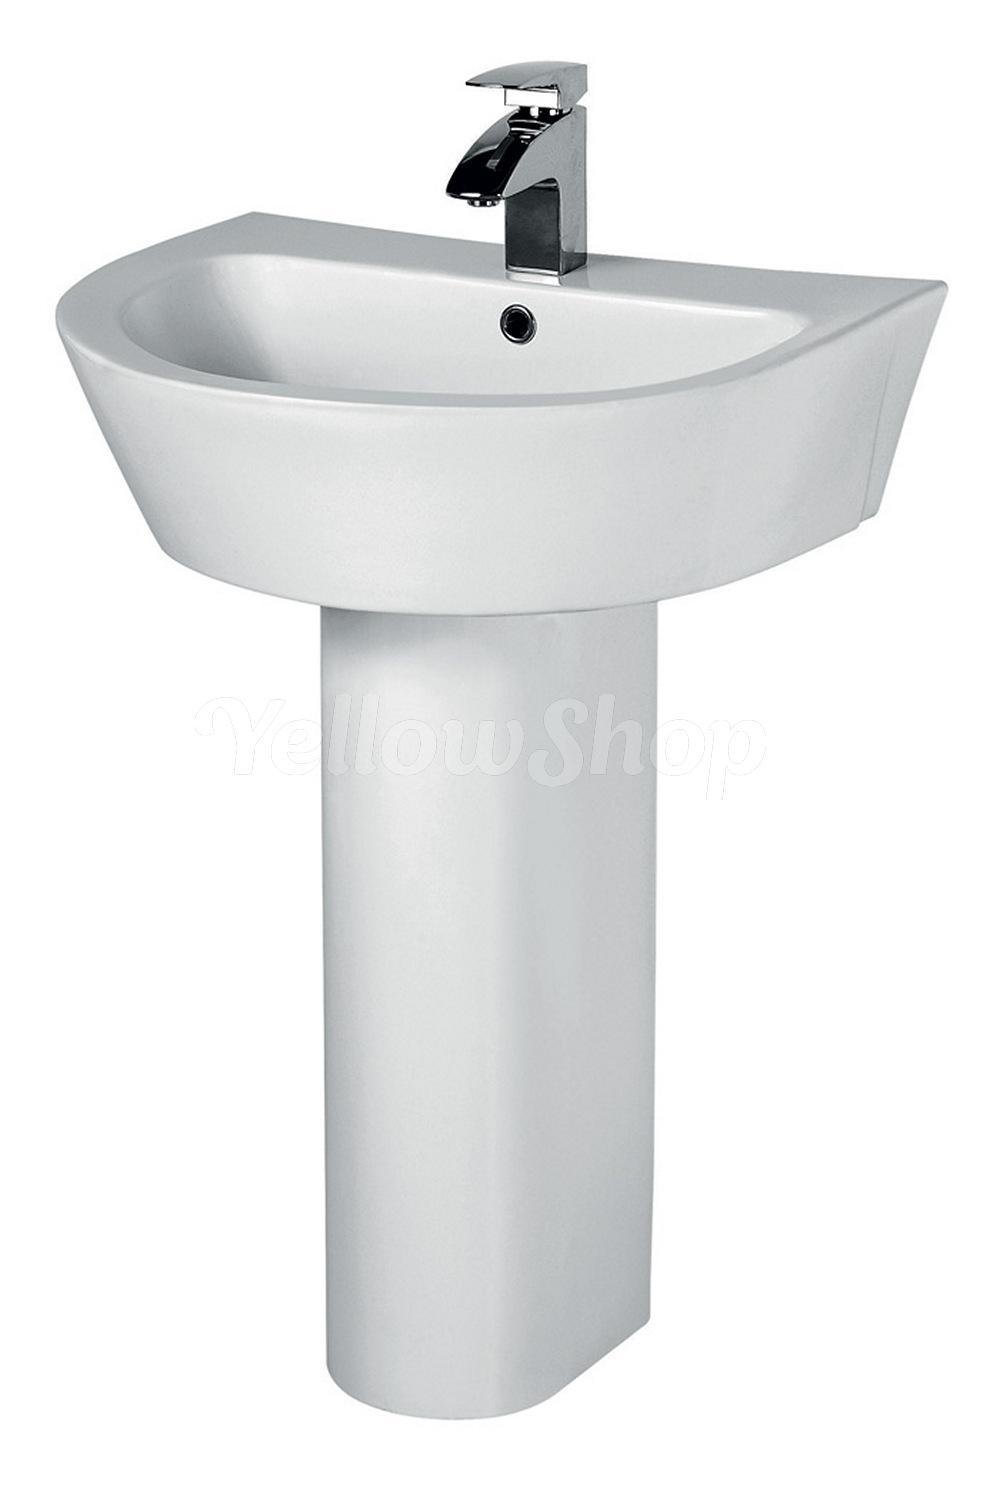 Lavabo con colonna ceramica moderno lavandino lavello sanitari a terra bagno ebay - Lavabo cucina moderno ...